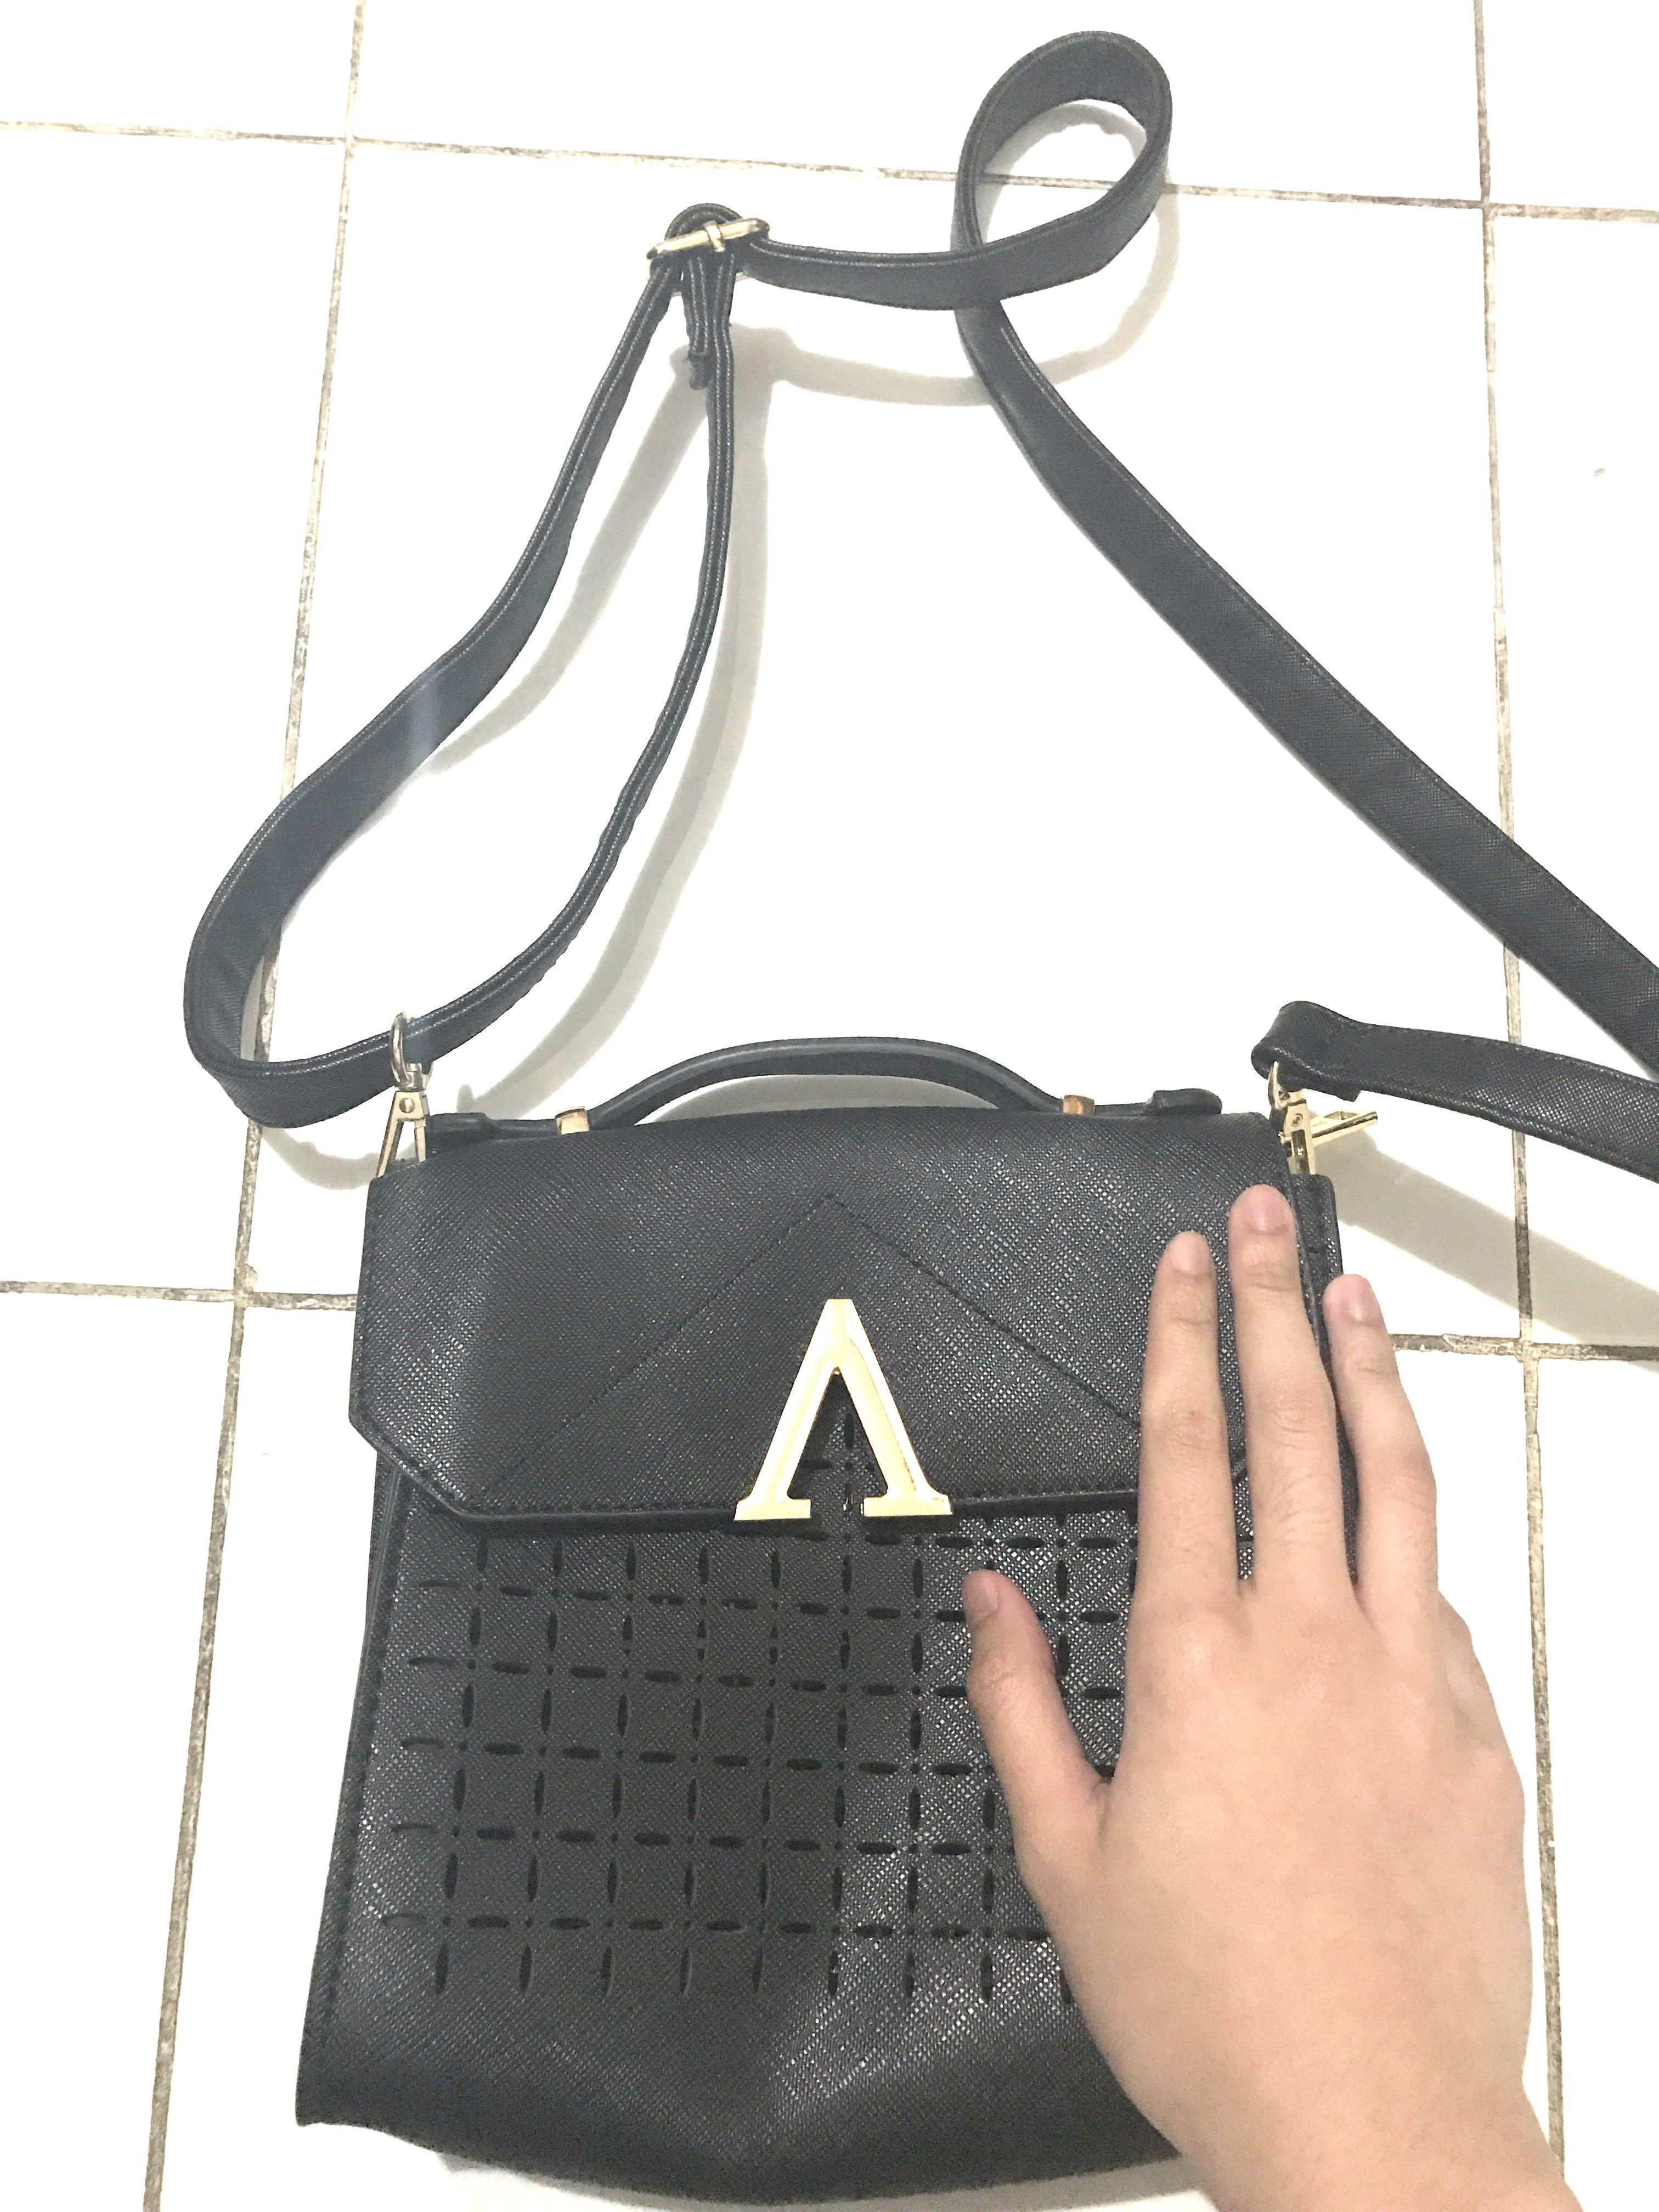 Palomino Leoni Shoulderbag Grey Referensi Daftar Harga Terbaru Amora Handbag Khaki Update Dan